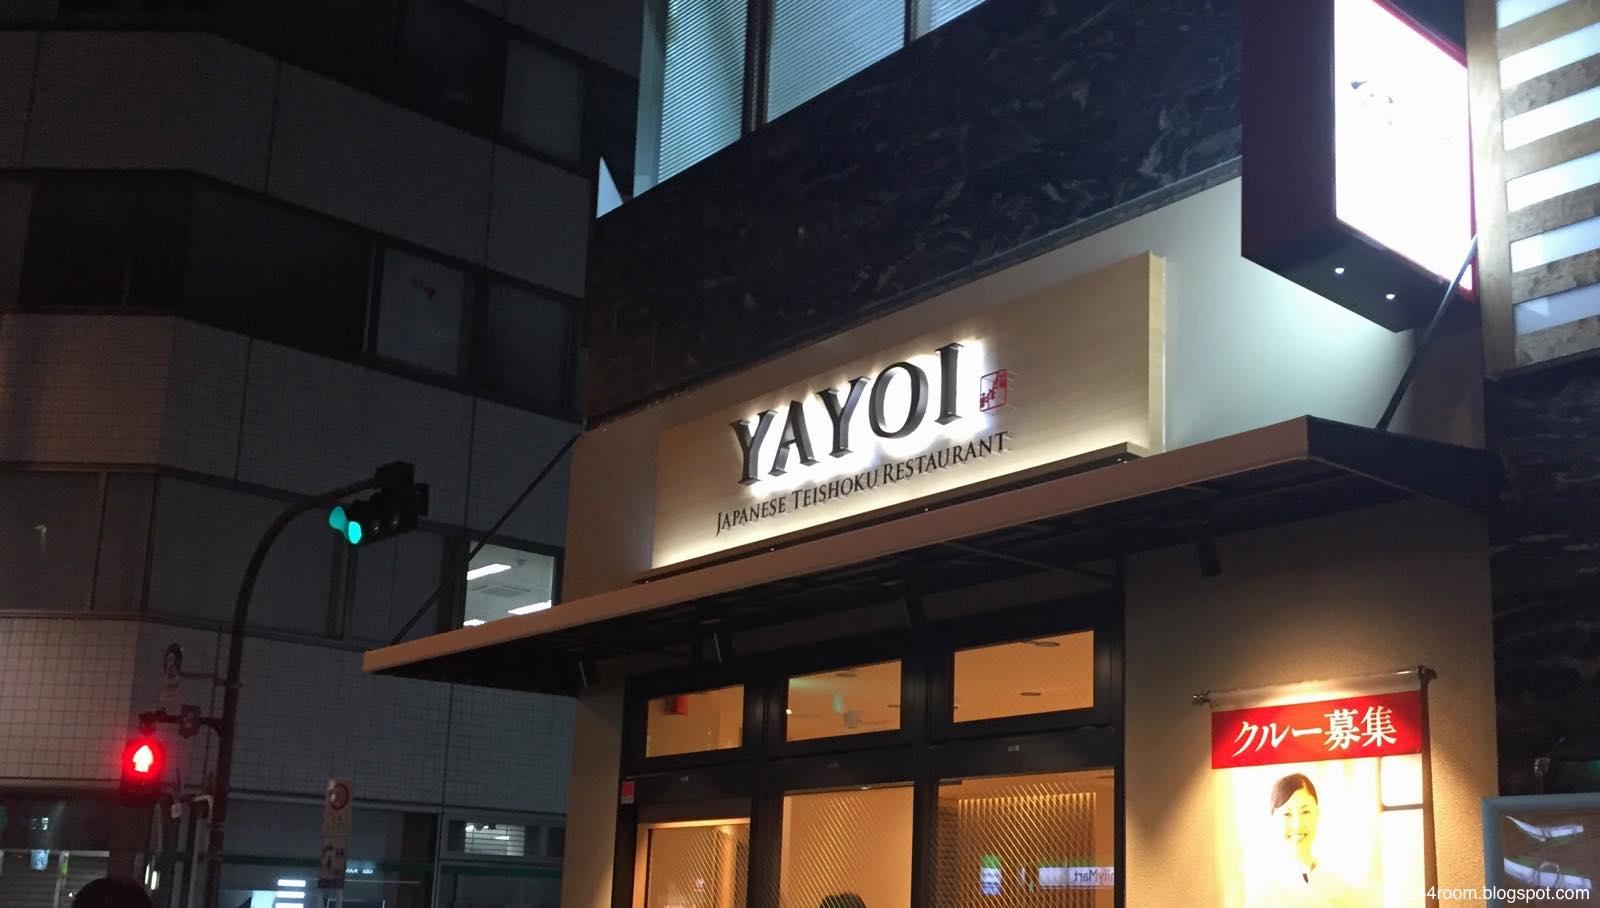 yayoi-teishoku-restaurant